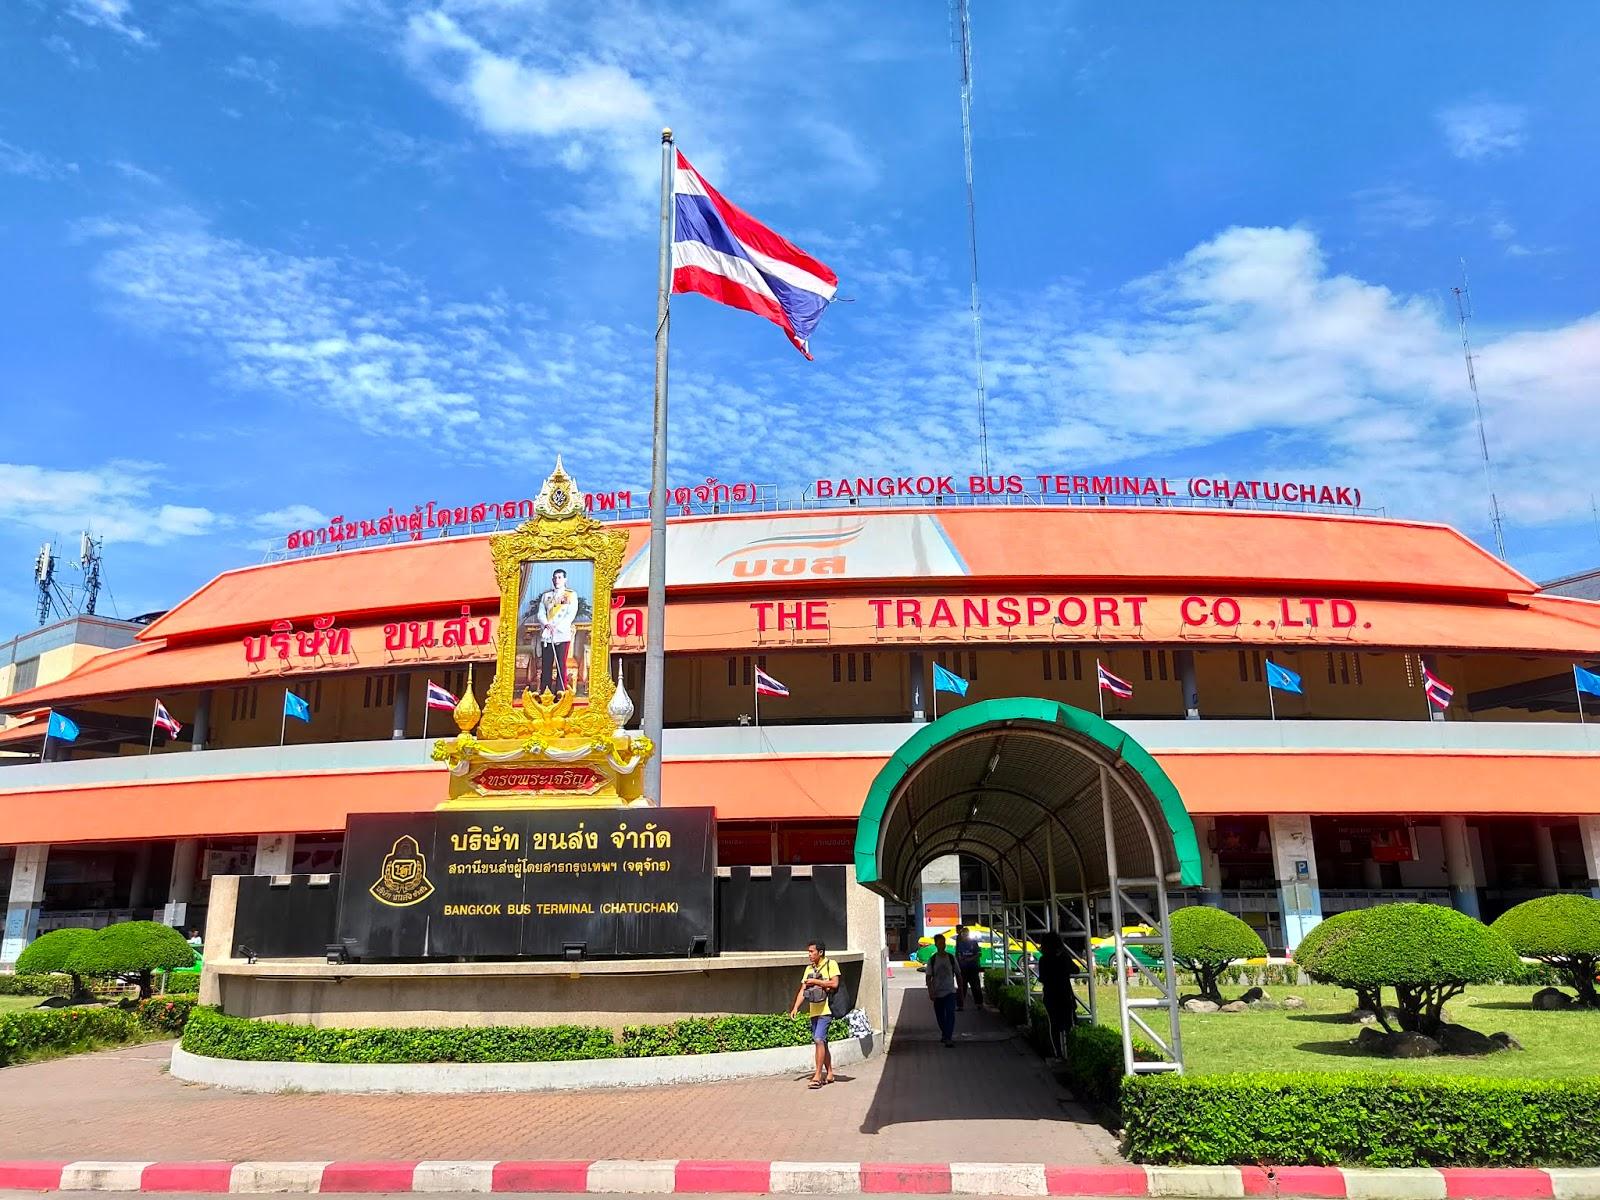 chatuchak terminal bangkok